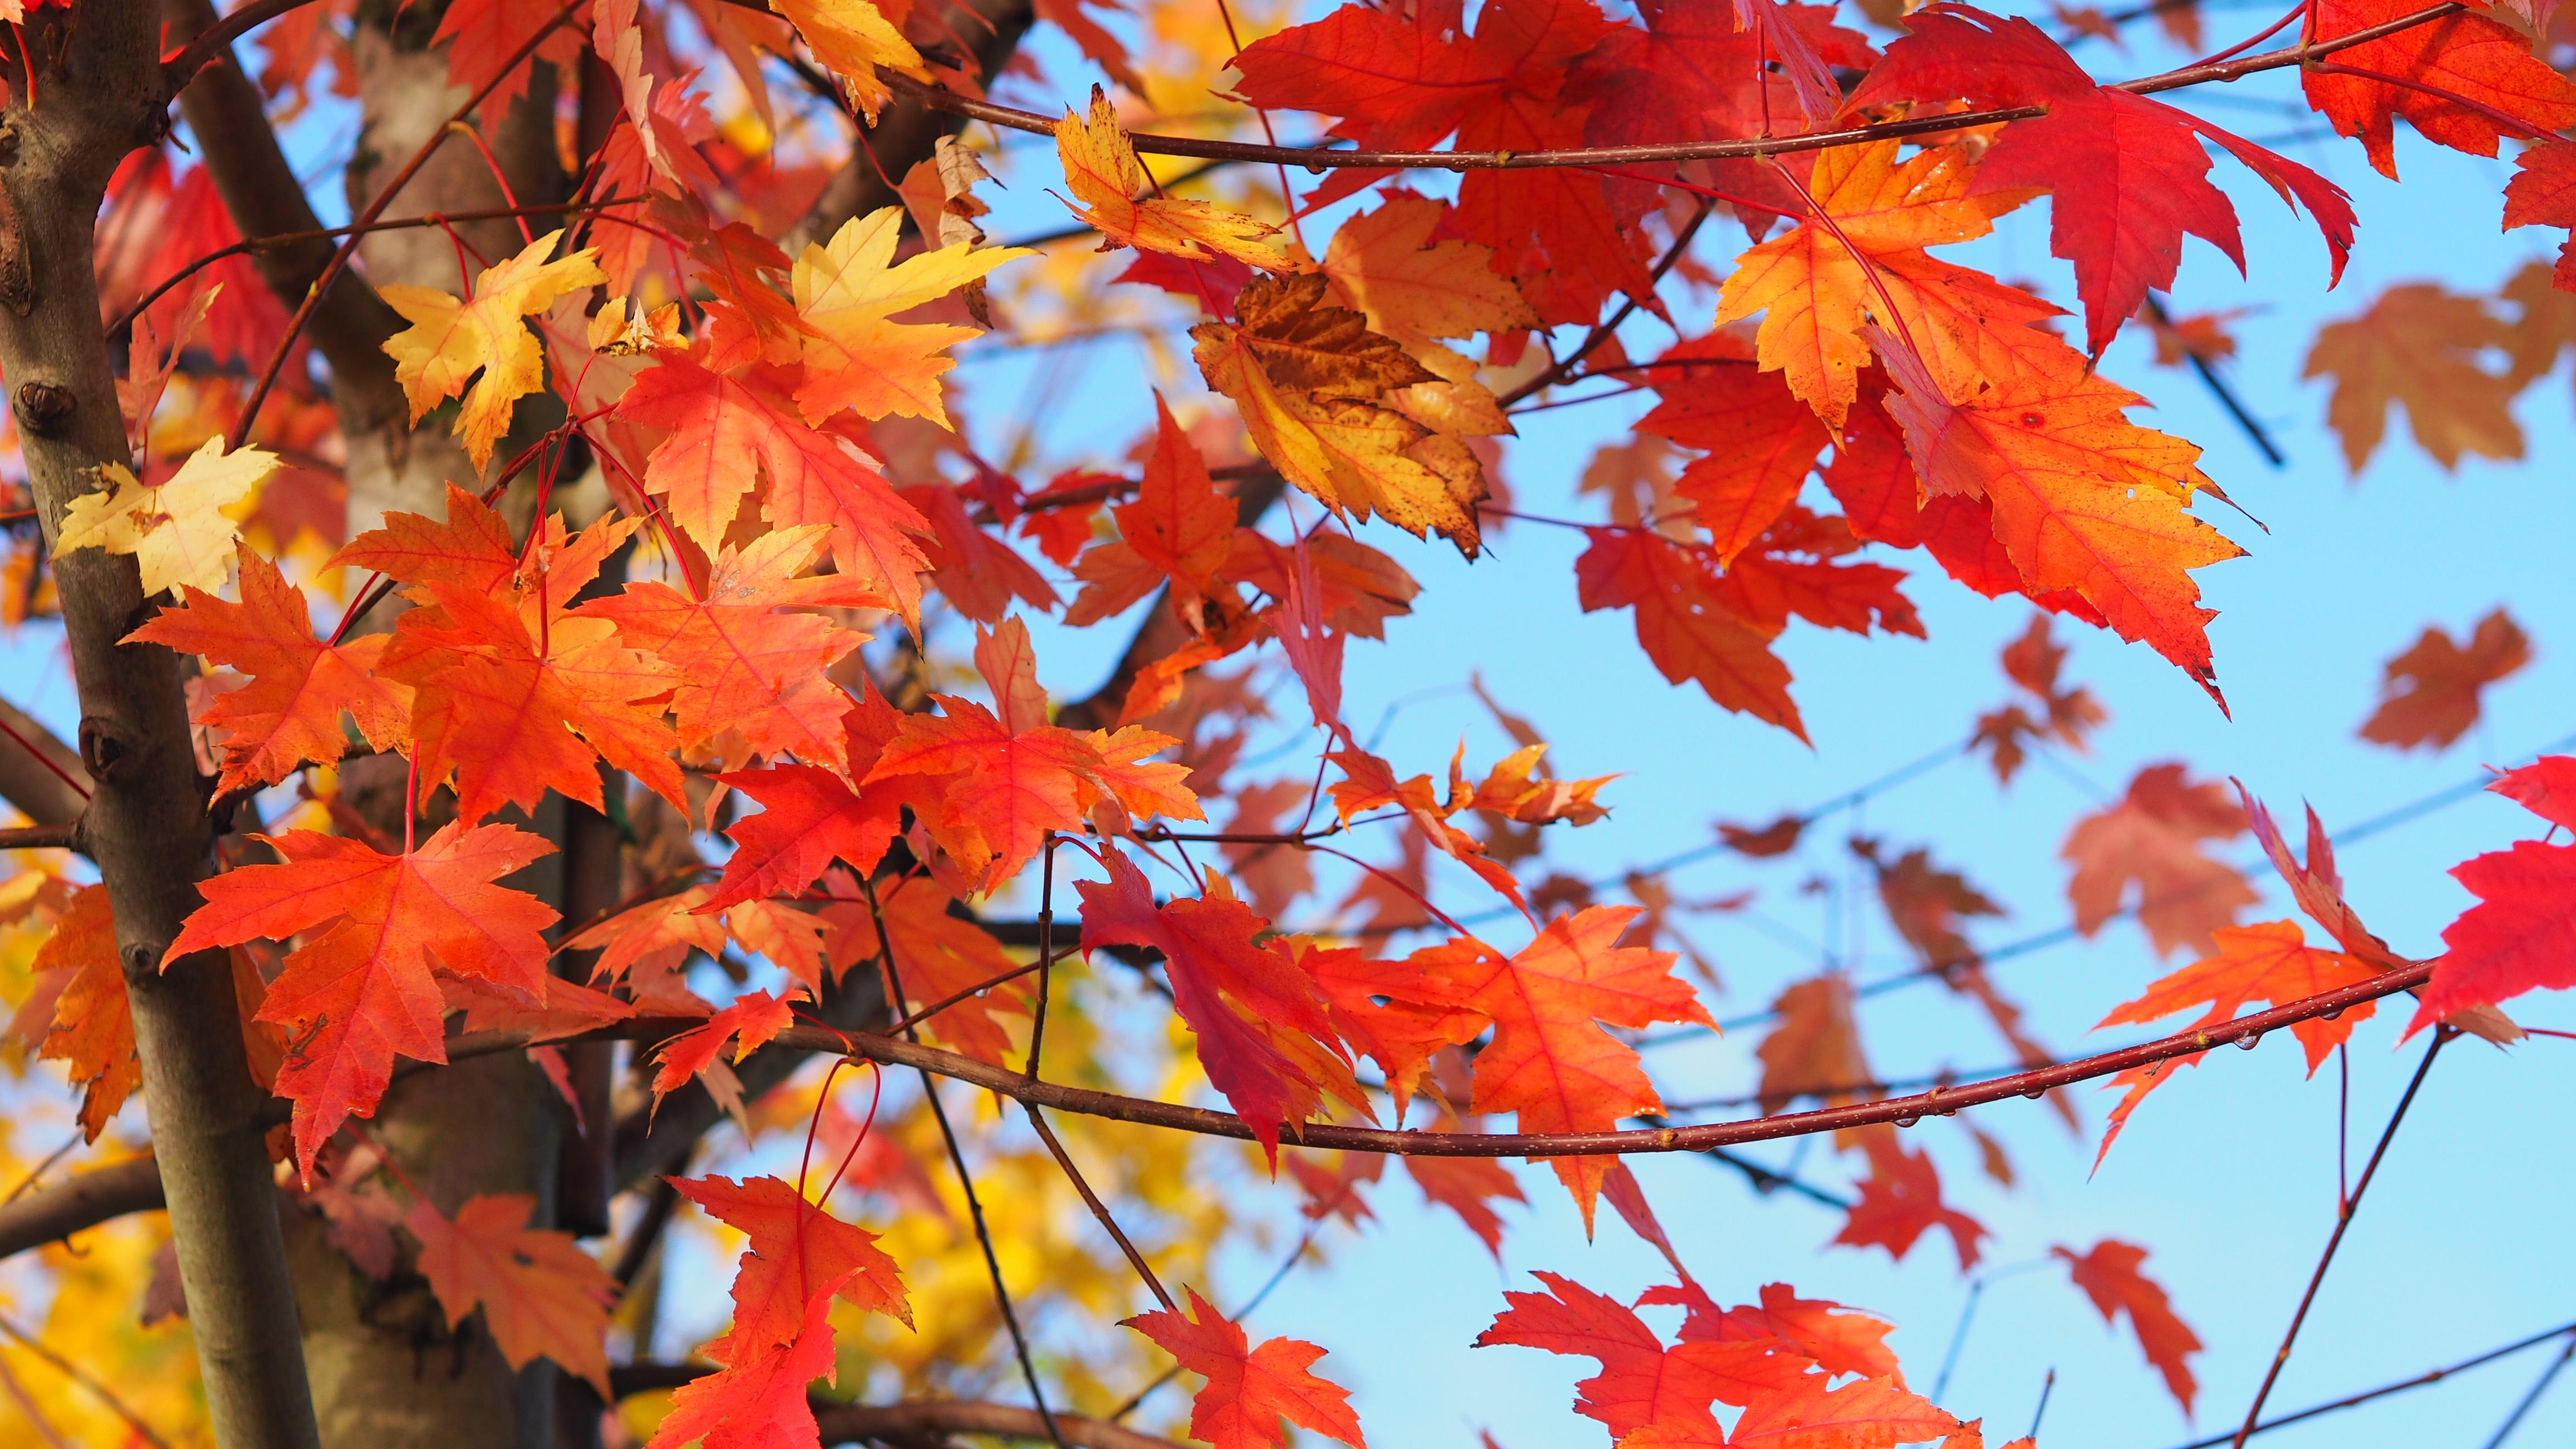 Le rouge : couleur parfaite pour cet automne. N'hésitez pas